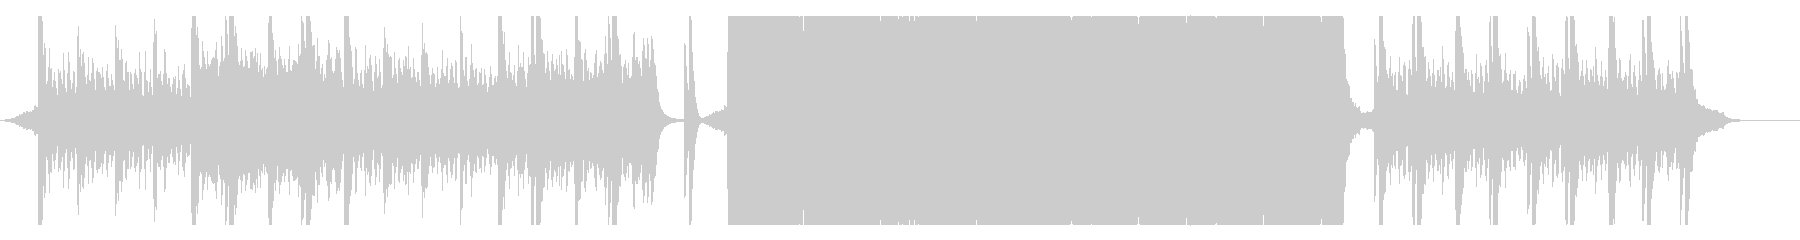 映画風壮大なトレーラー10(打楽器抜き)の未再生の波形